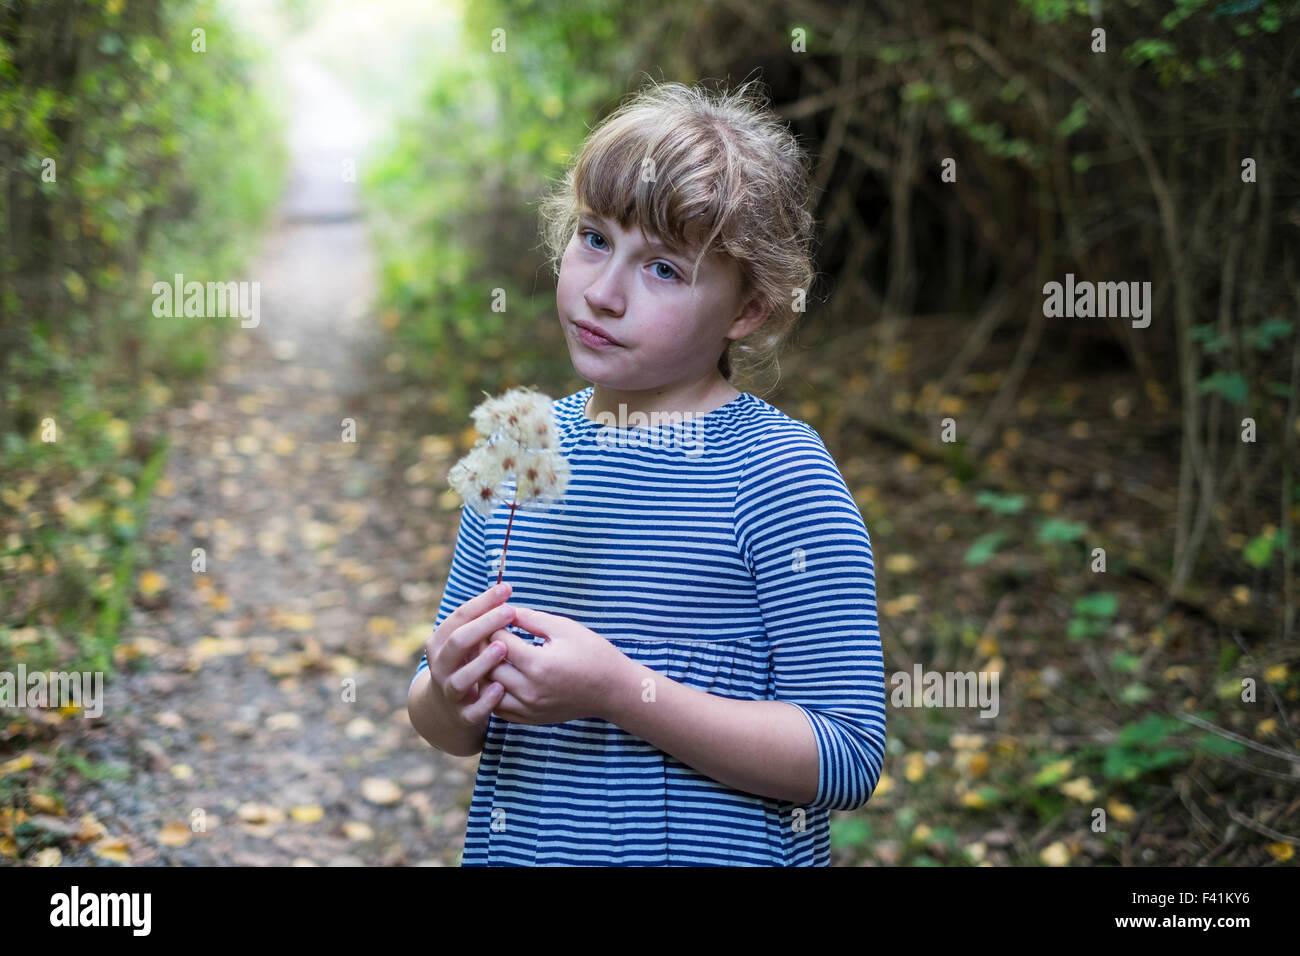 11 Jahre altes Mädchen suchen nachdenklich in den Wäldern Stockbild